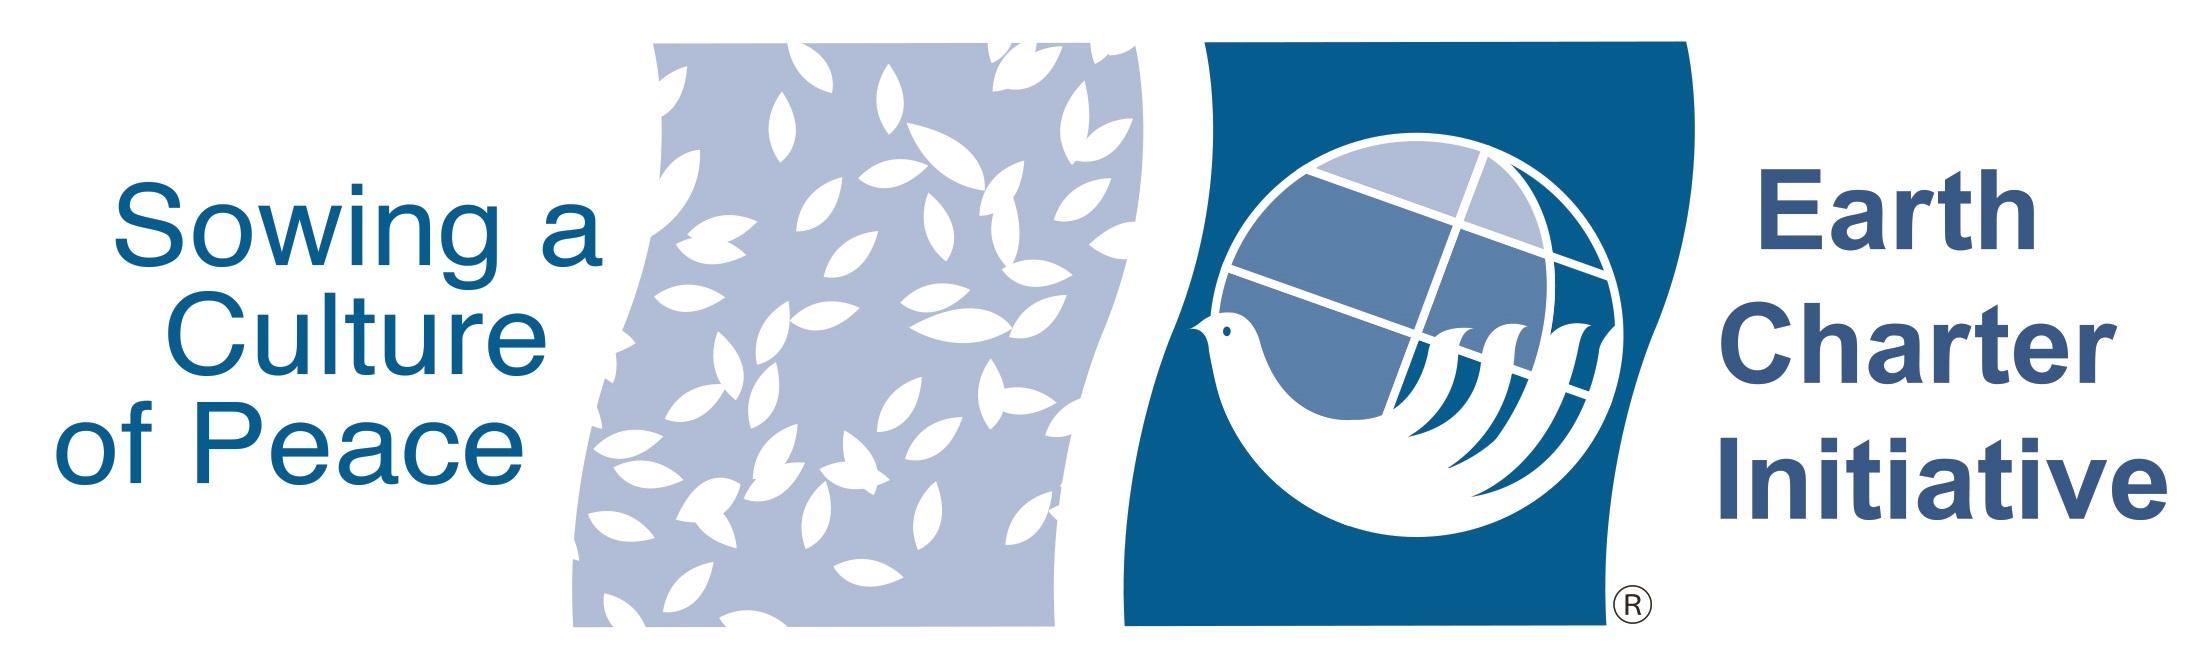 Earth Charter logo